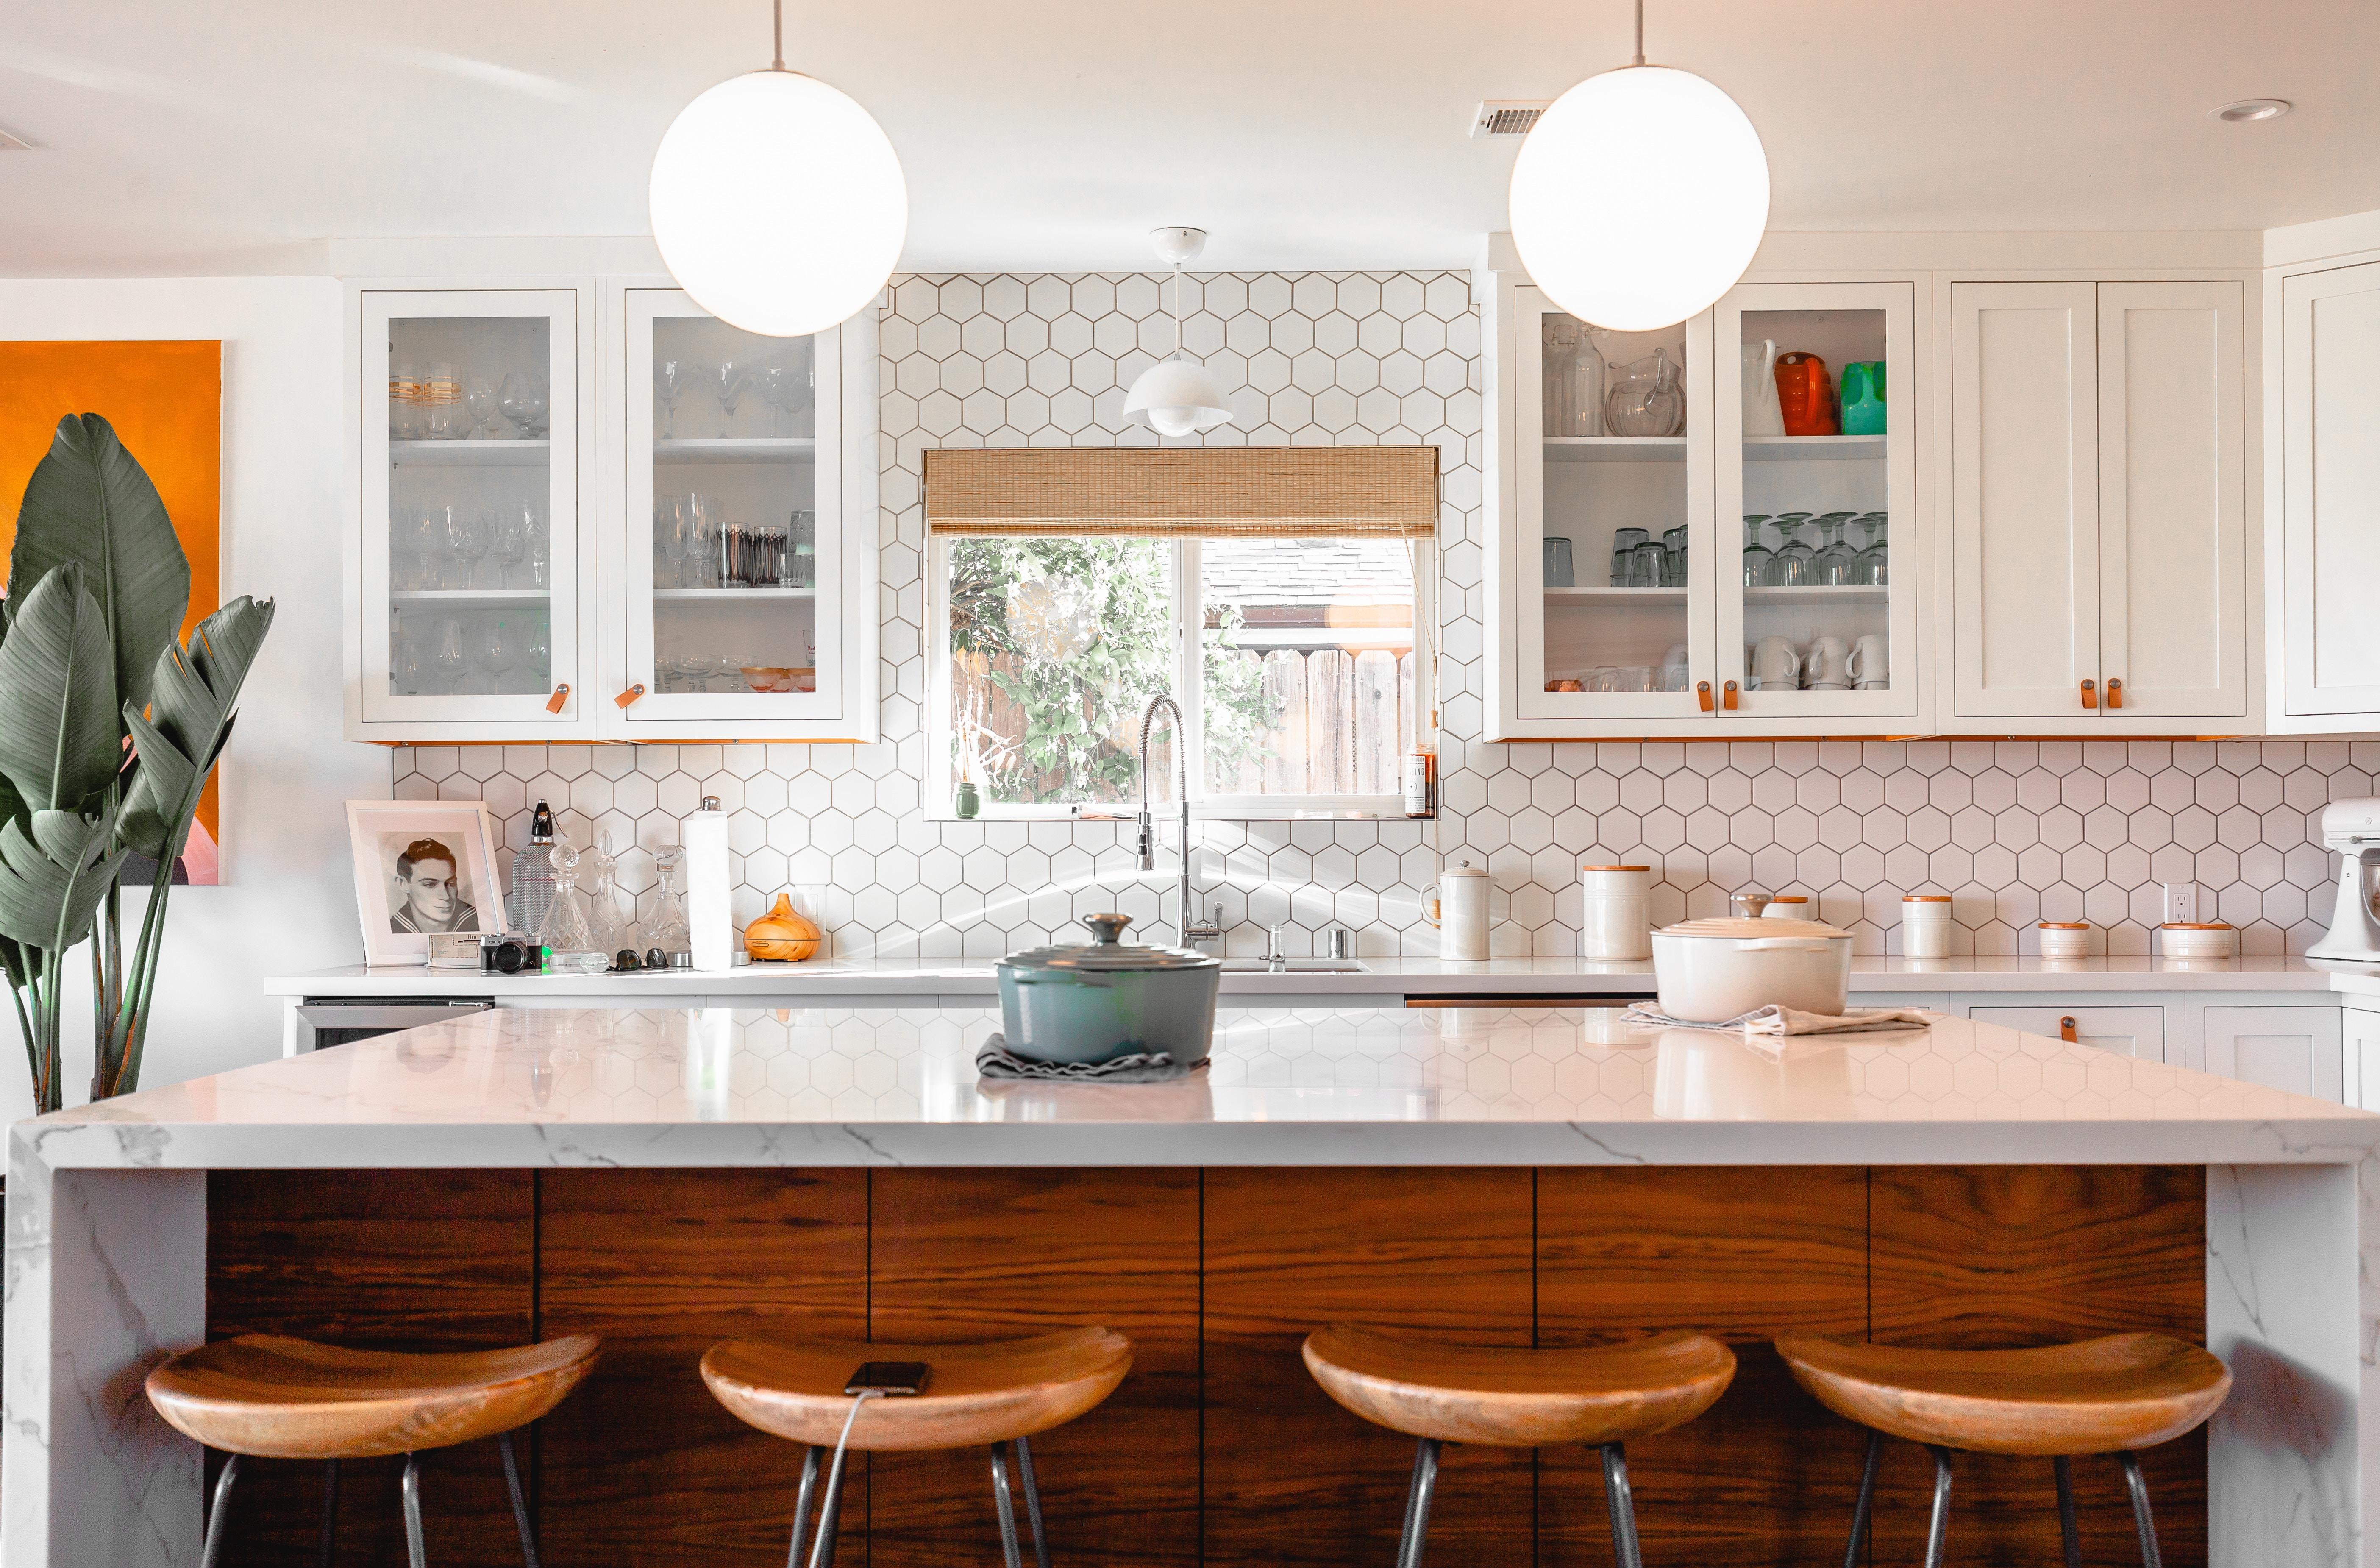 Arredare una cucina piccola 4 idee tra stile e for Idee per arredare una cucina piccola